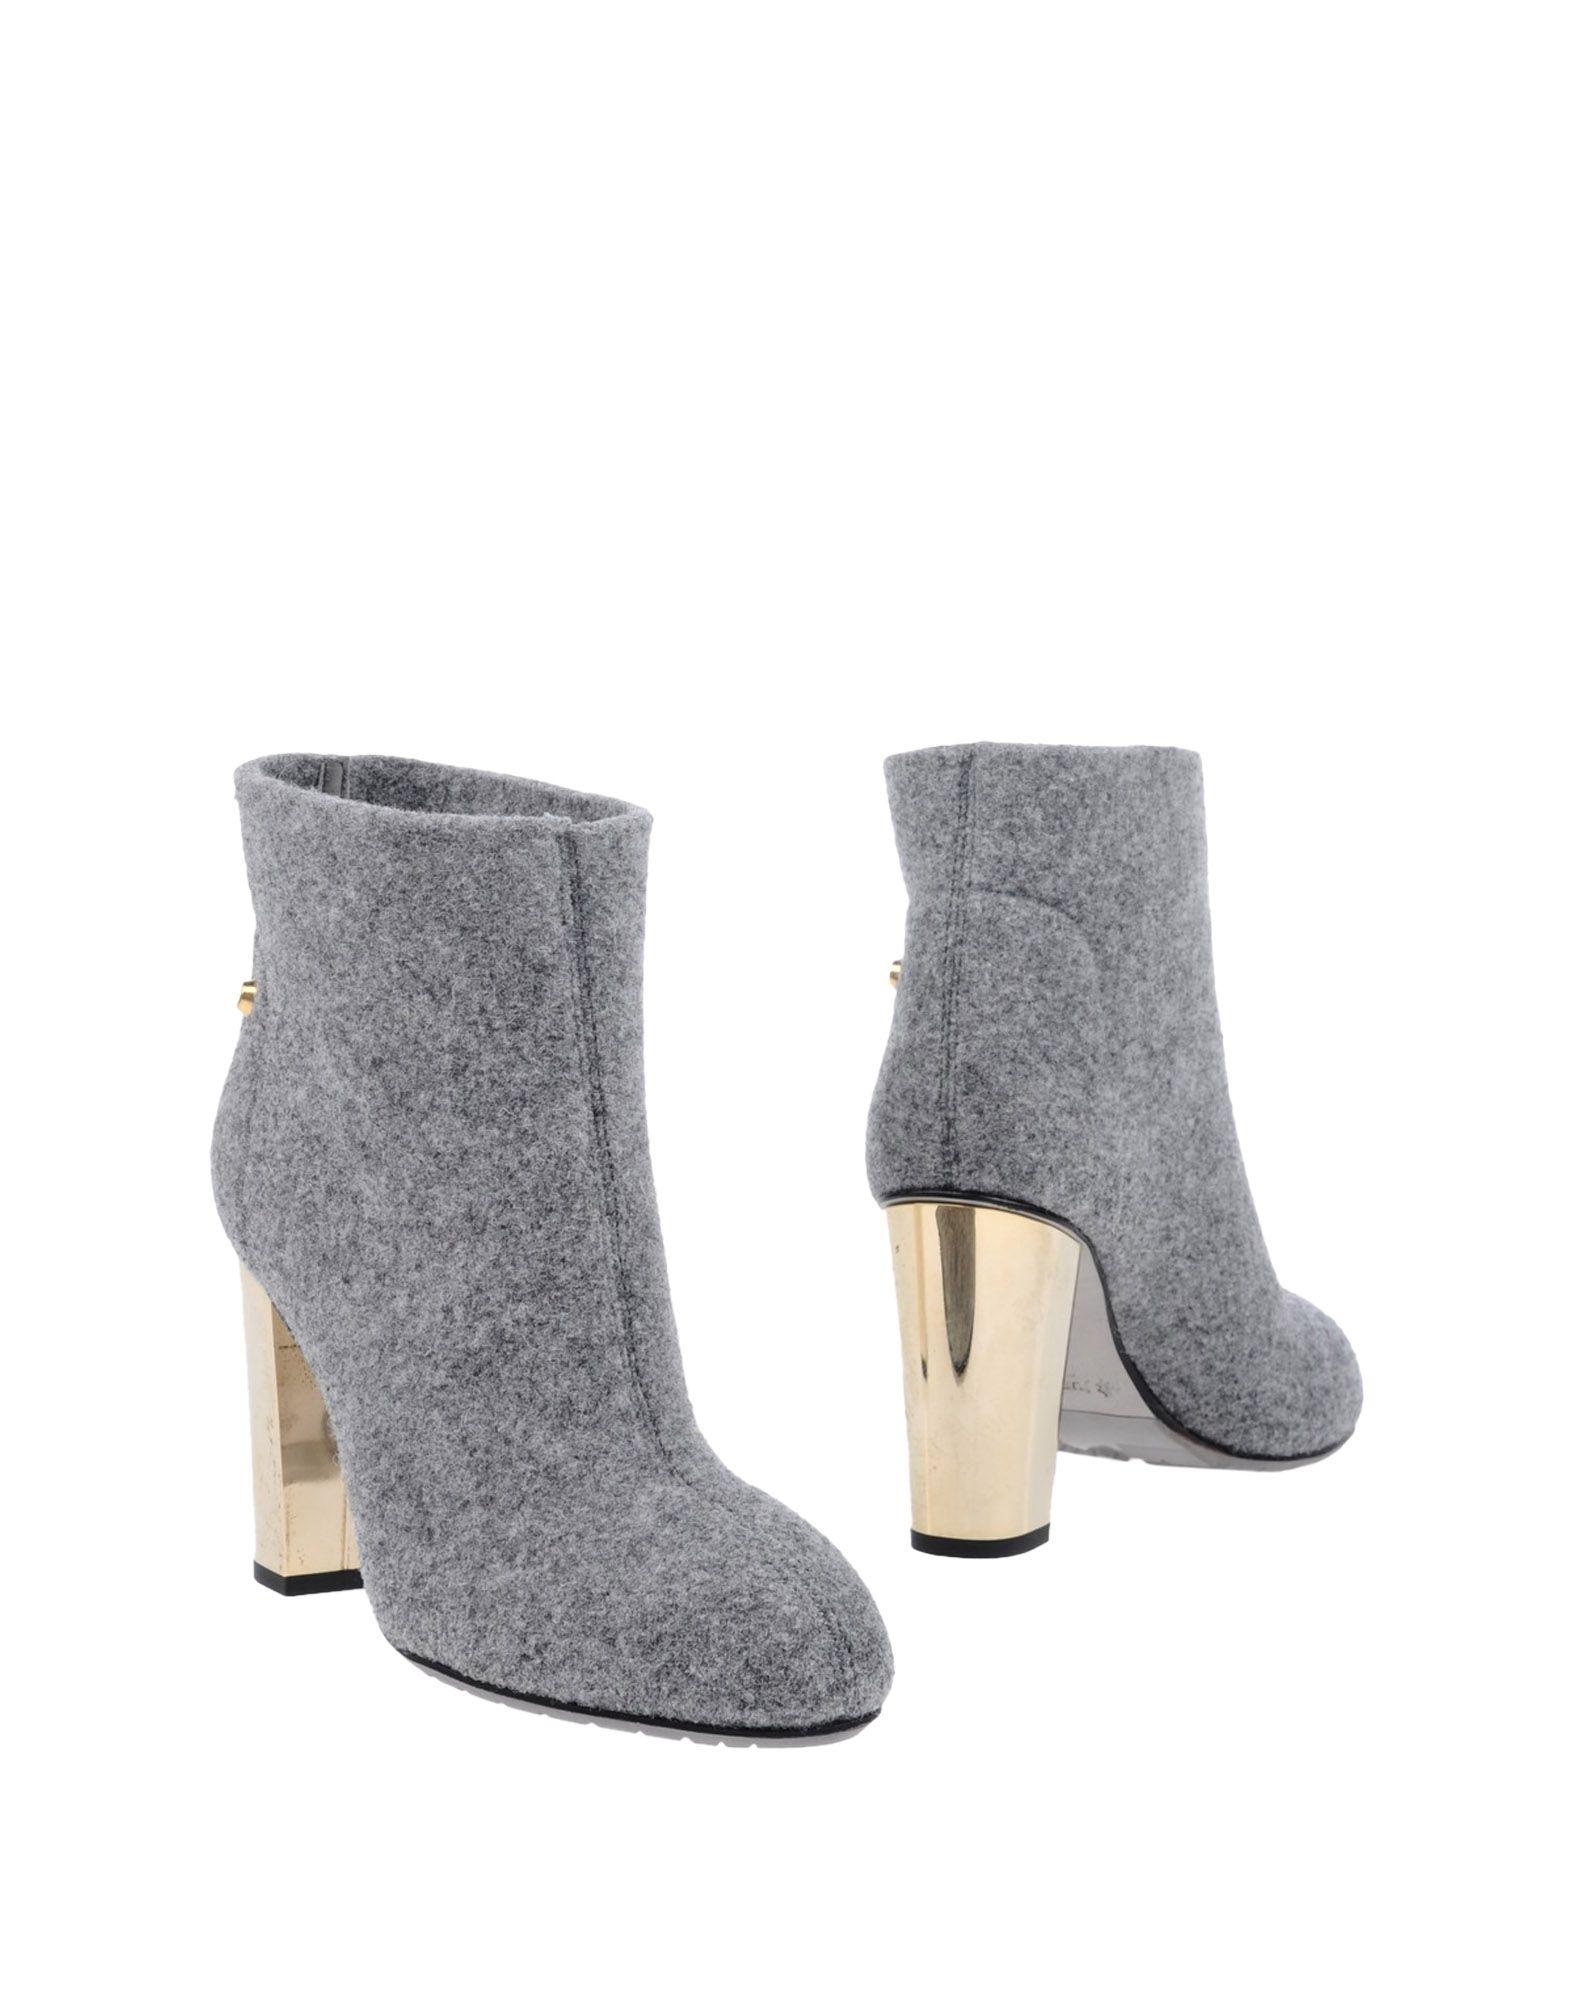 JUDARI Полусапоги и высокие ботинки цены онлайн